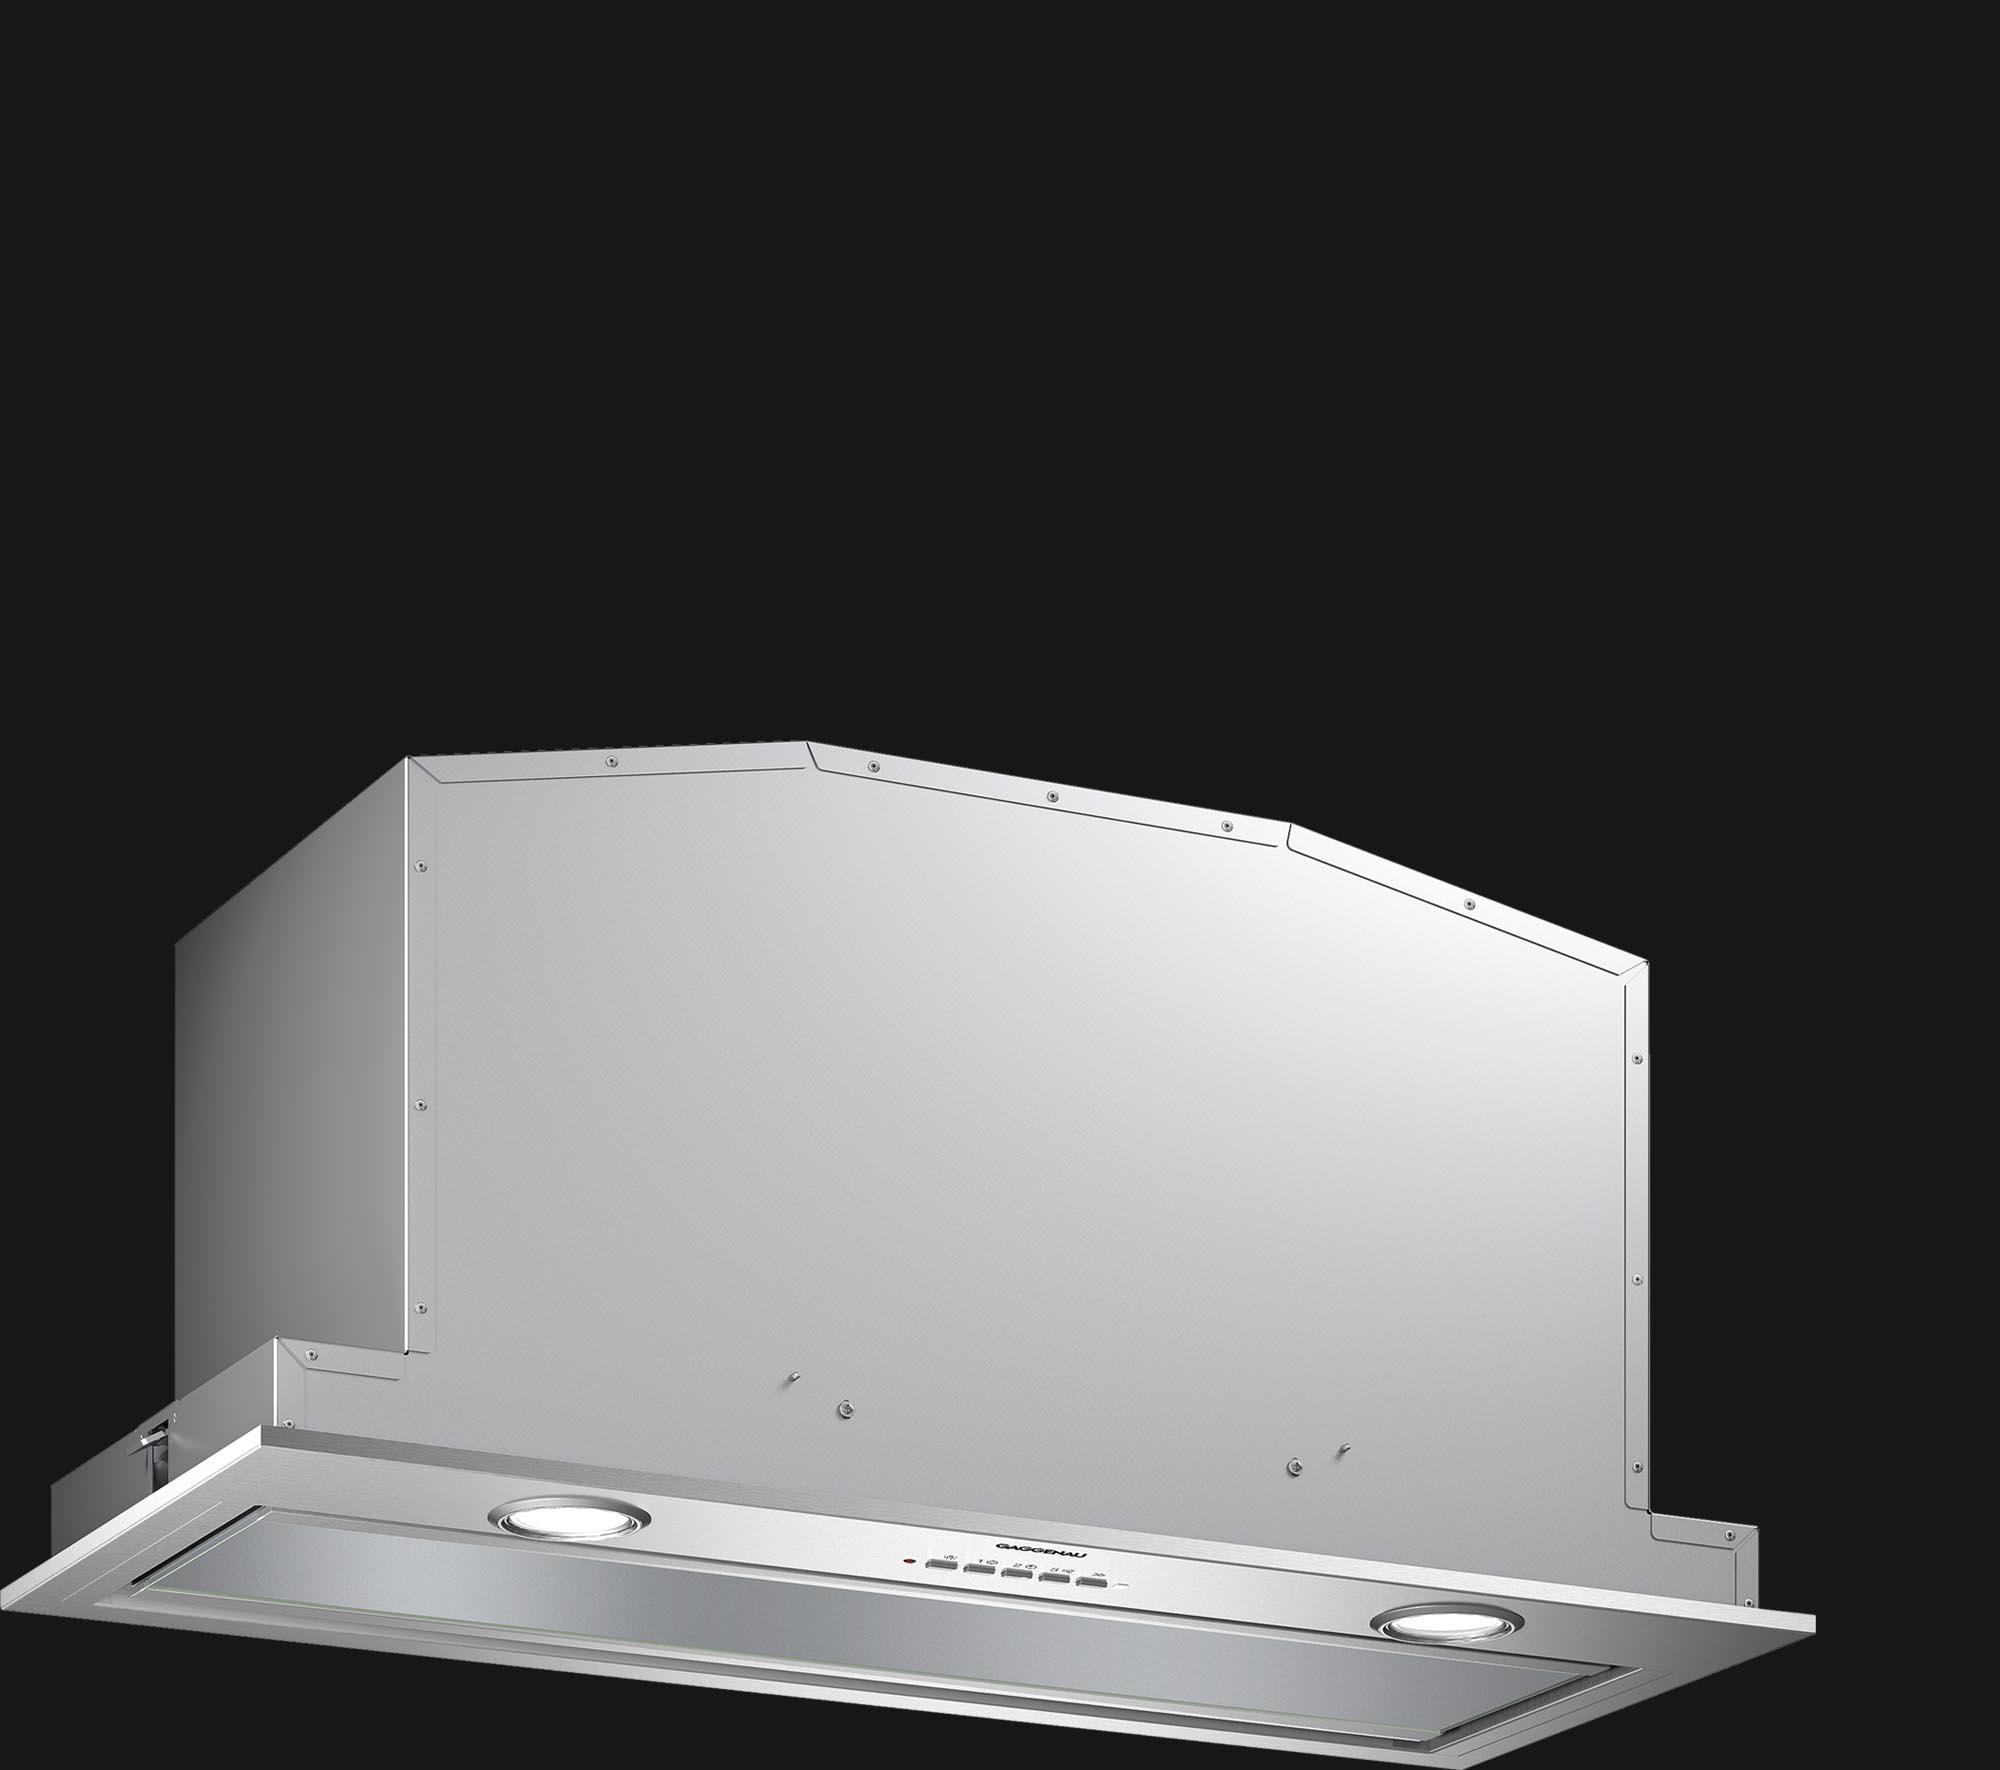 Вытяжка, встраиваемая в подвесной шкаф AC200181 GAGGENAU